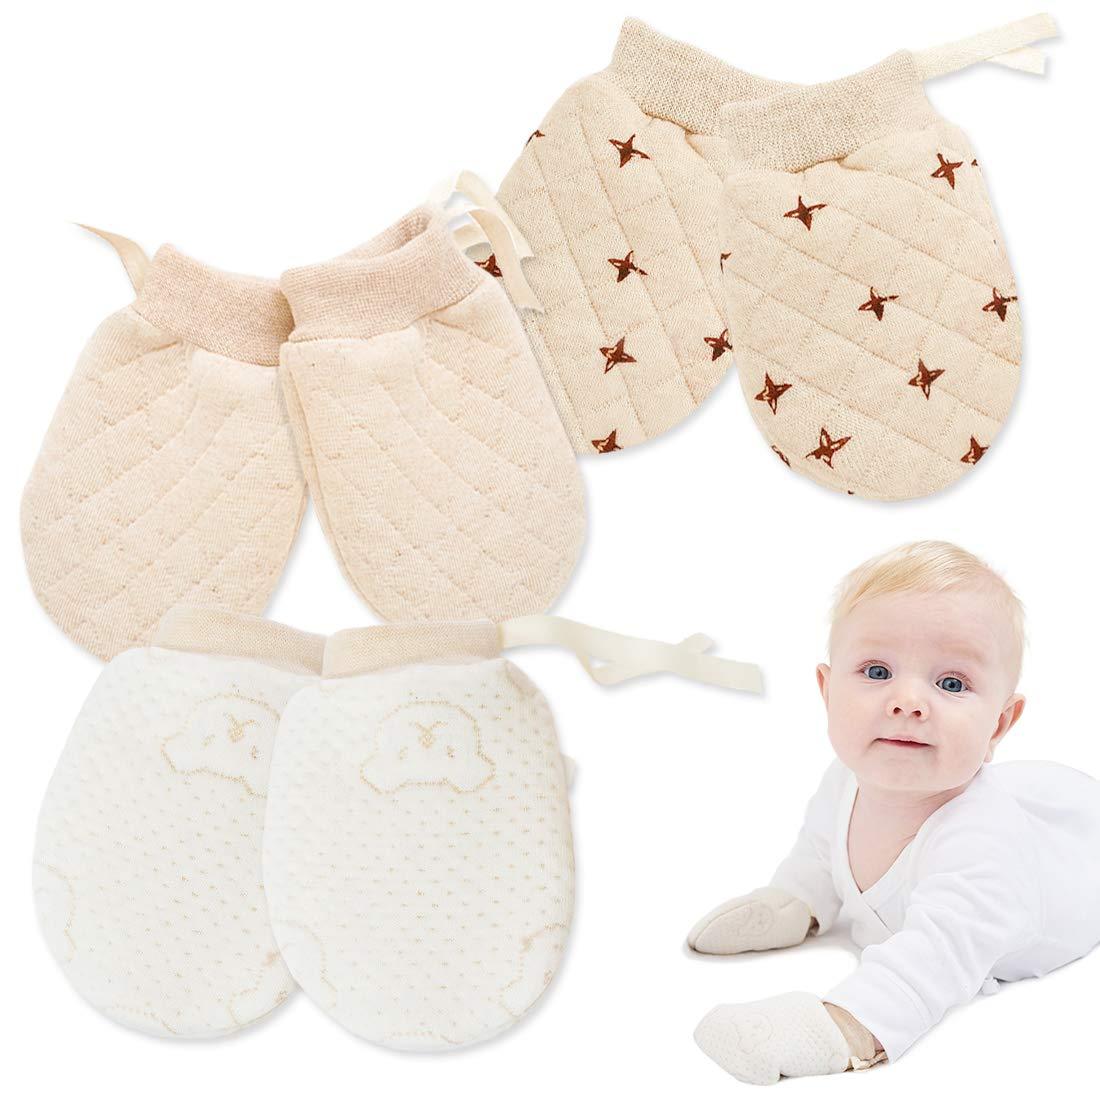 infant mittens Vegetables newborn mittens baby shower gift baby girl mittens mitts baby boy mittens no scratch mittens for newborn